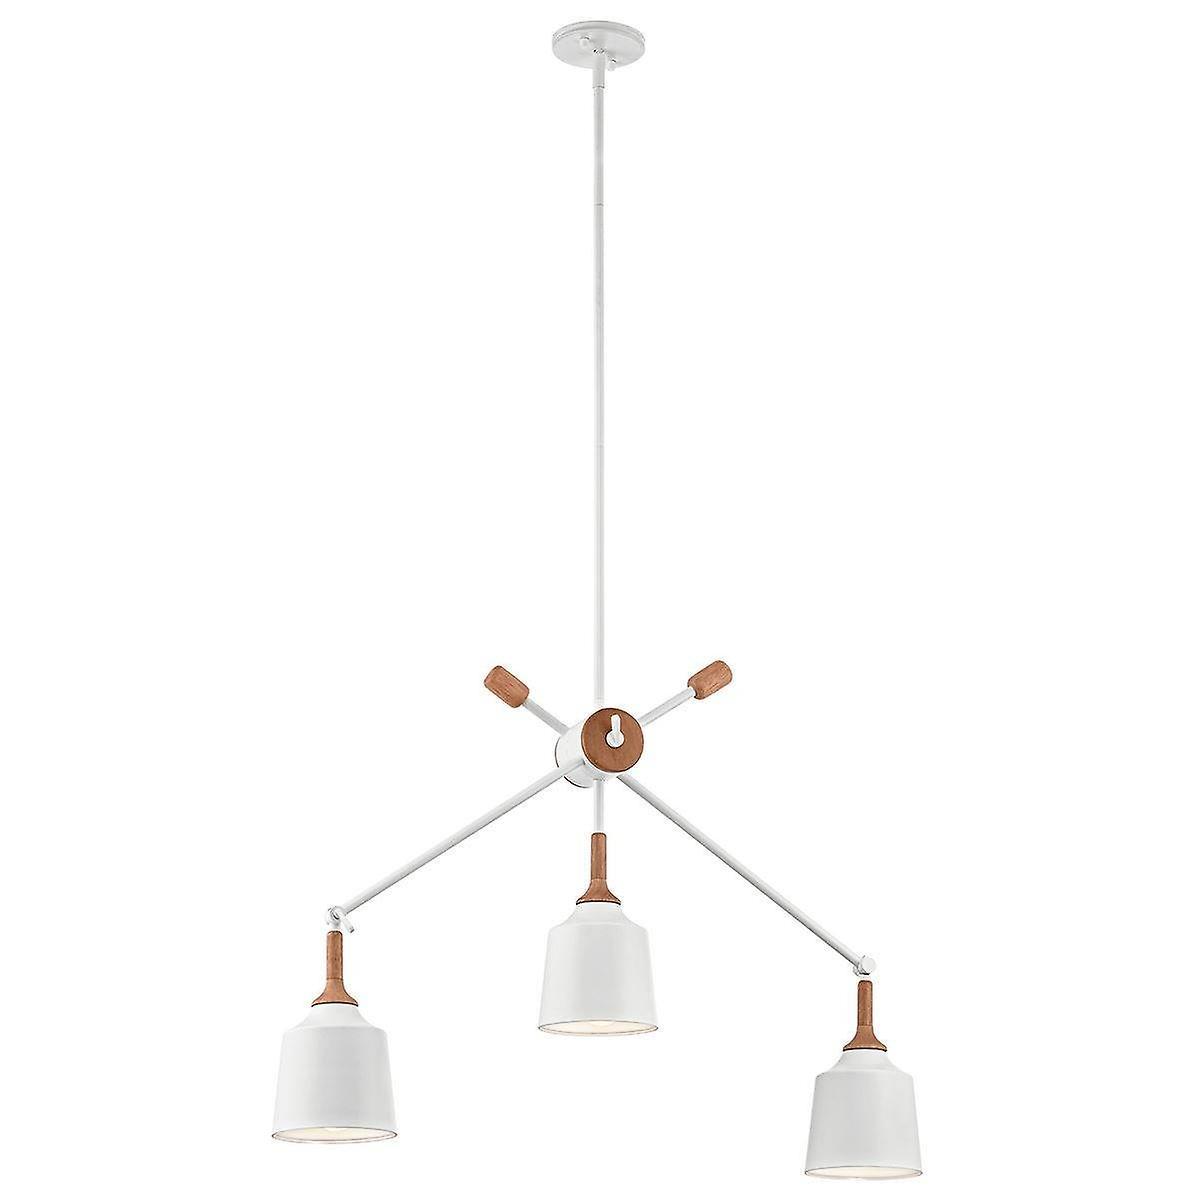 3 Light Ceiling Chandelier Pendant Bar Light White, E27